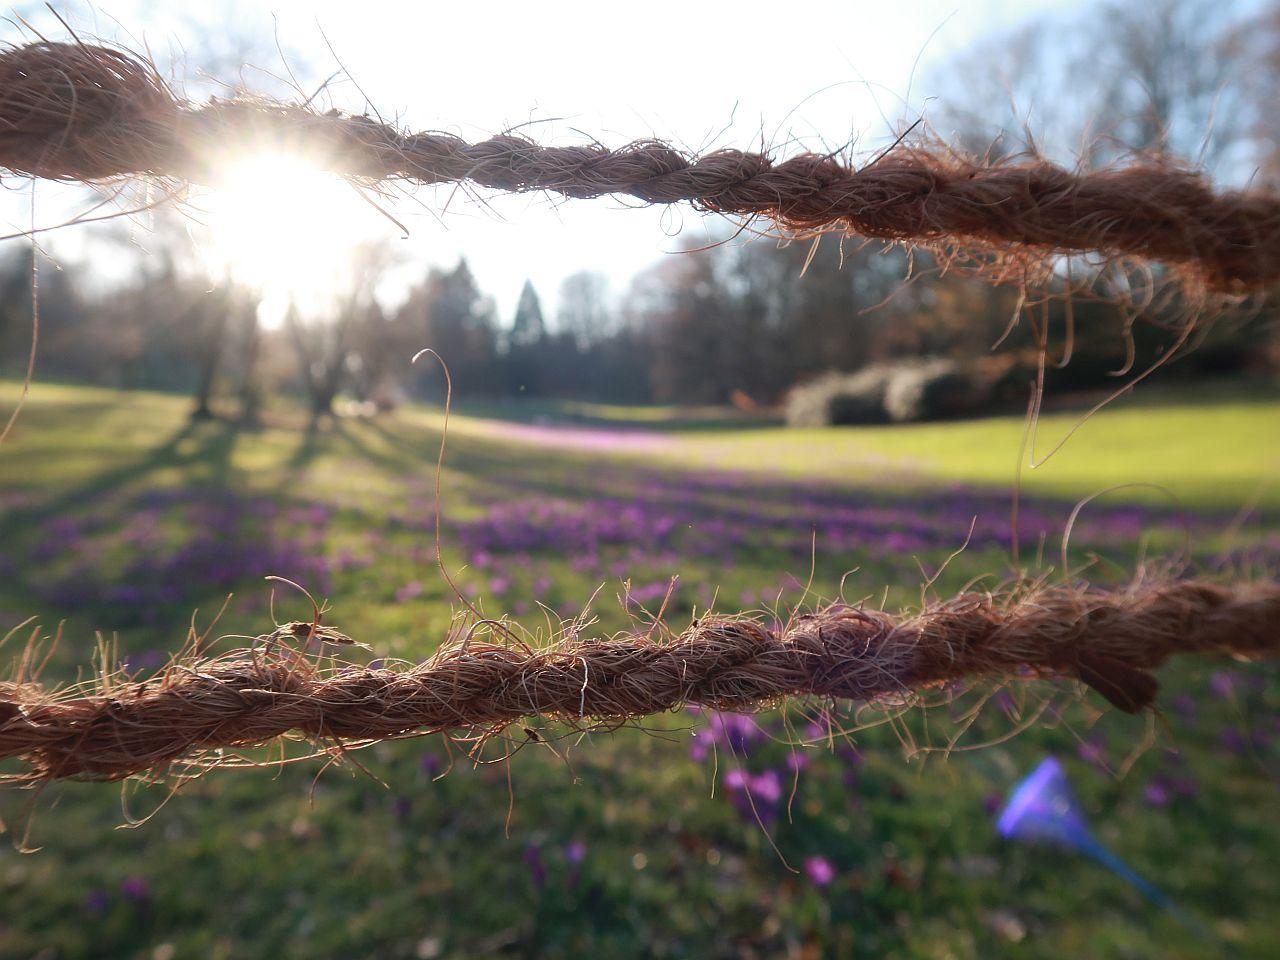 Krokuswiese zu sehen durch zwei Seile